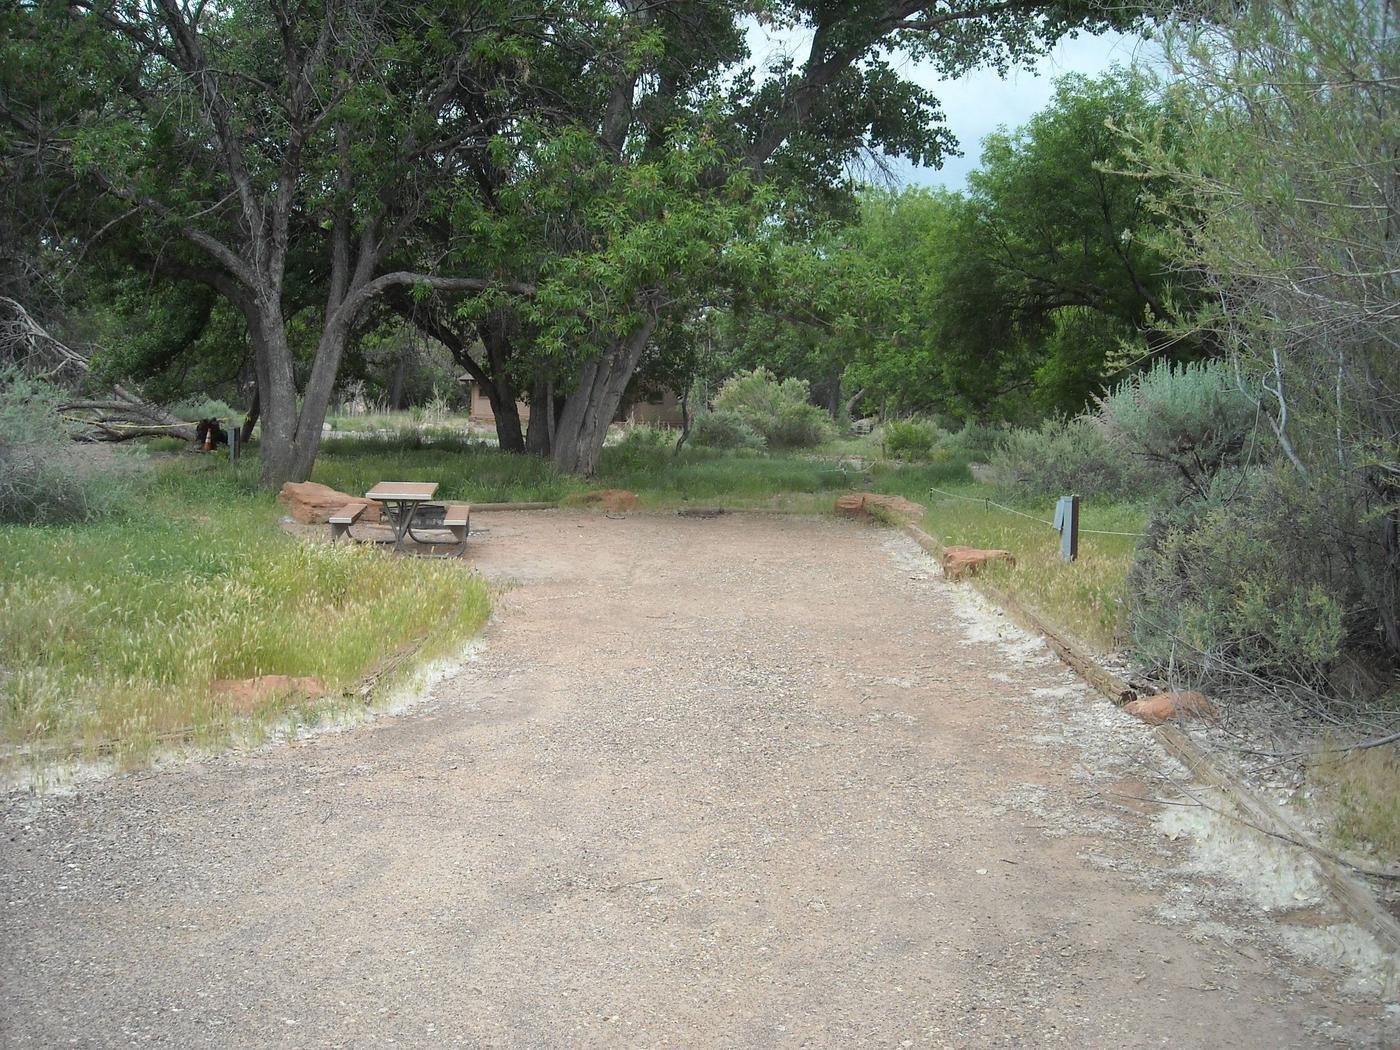 Campsite areaB35